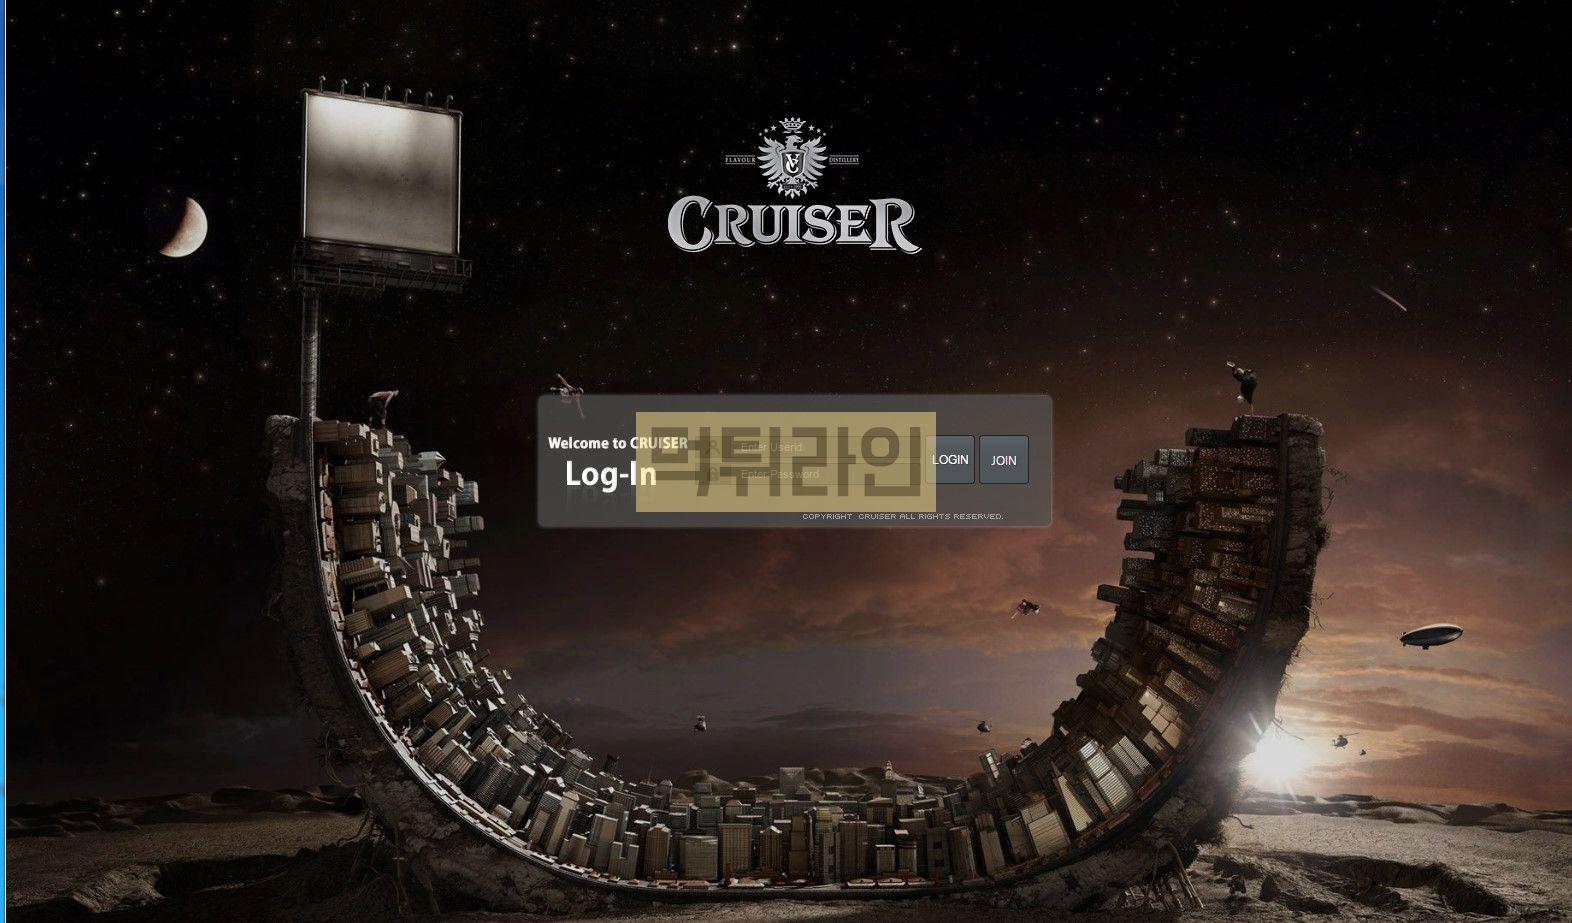 크루져 cruiser 먹튀(검증완료) October wallpaper, Thrasher